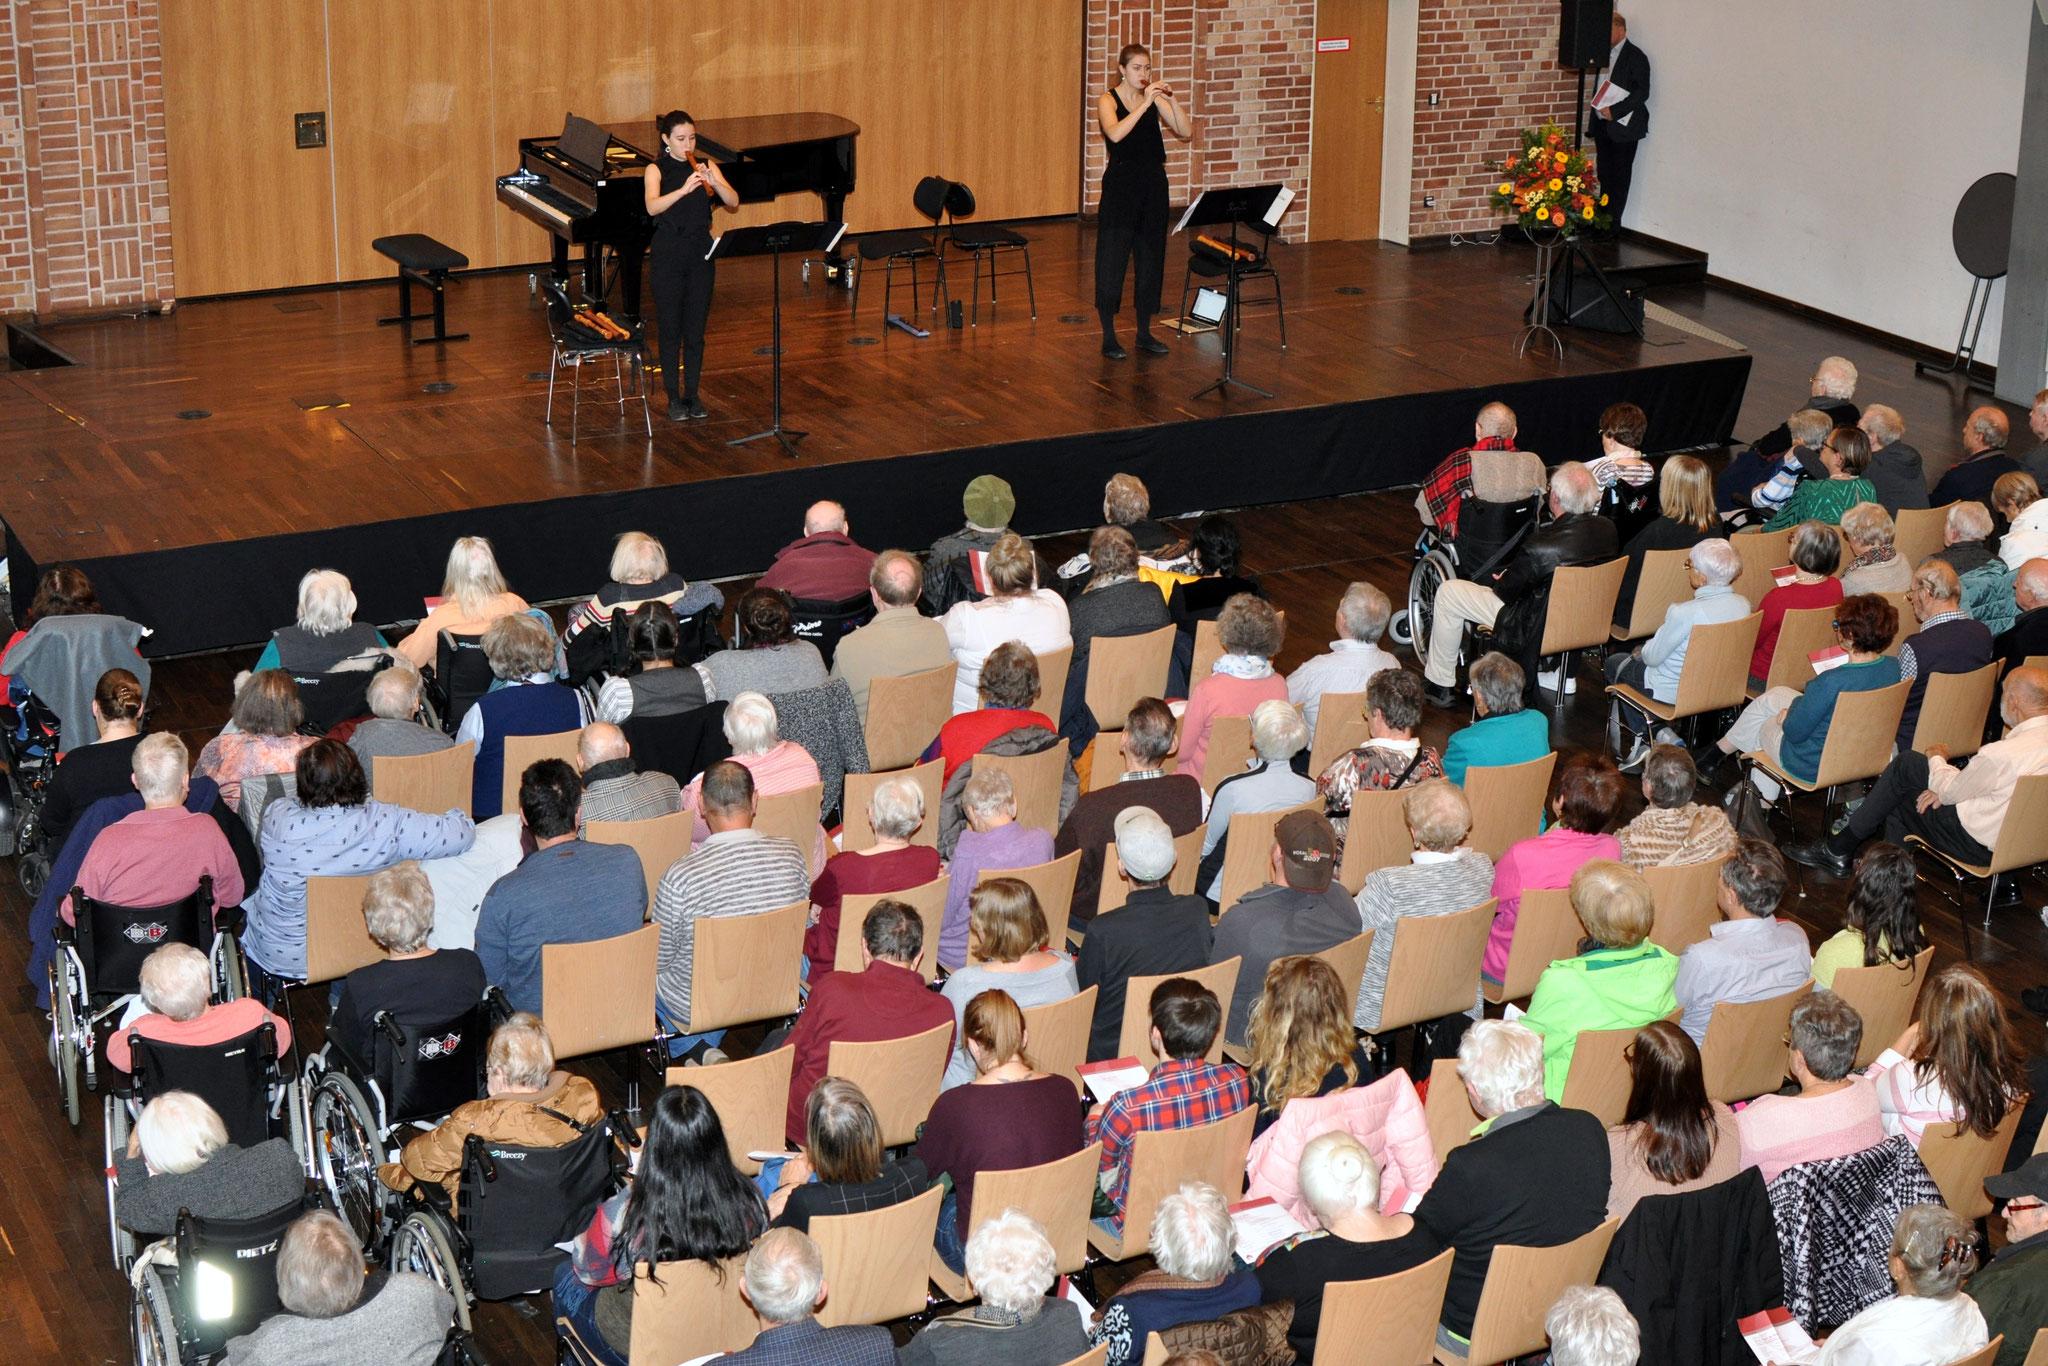 Konzert in Kooperation mit der Hochschule für Musik am 13.11.2019